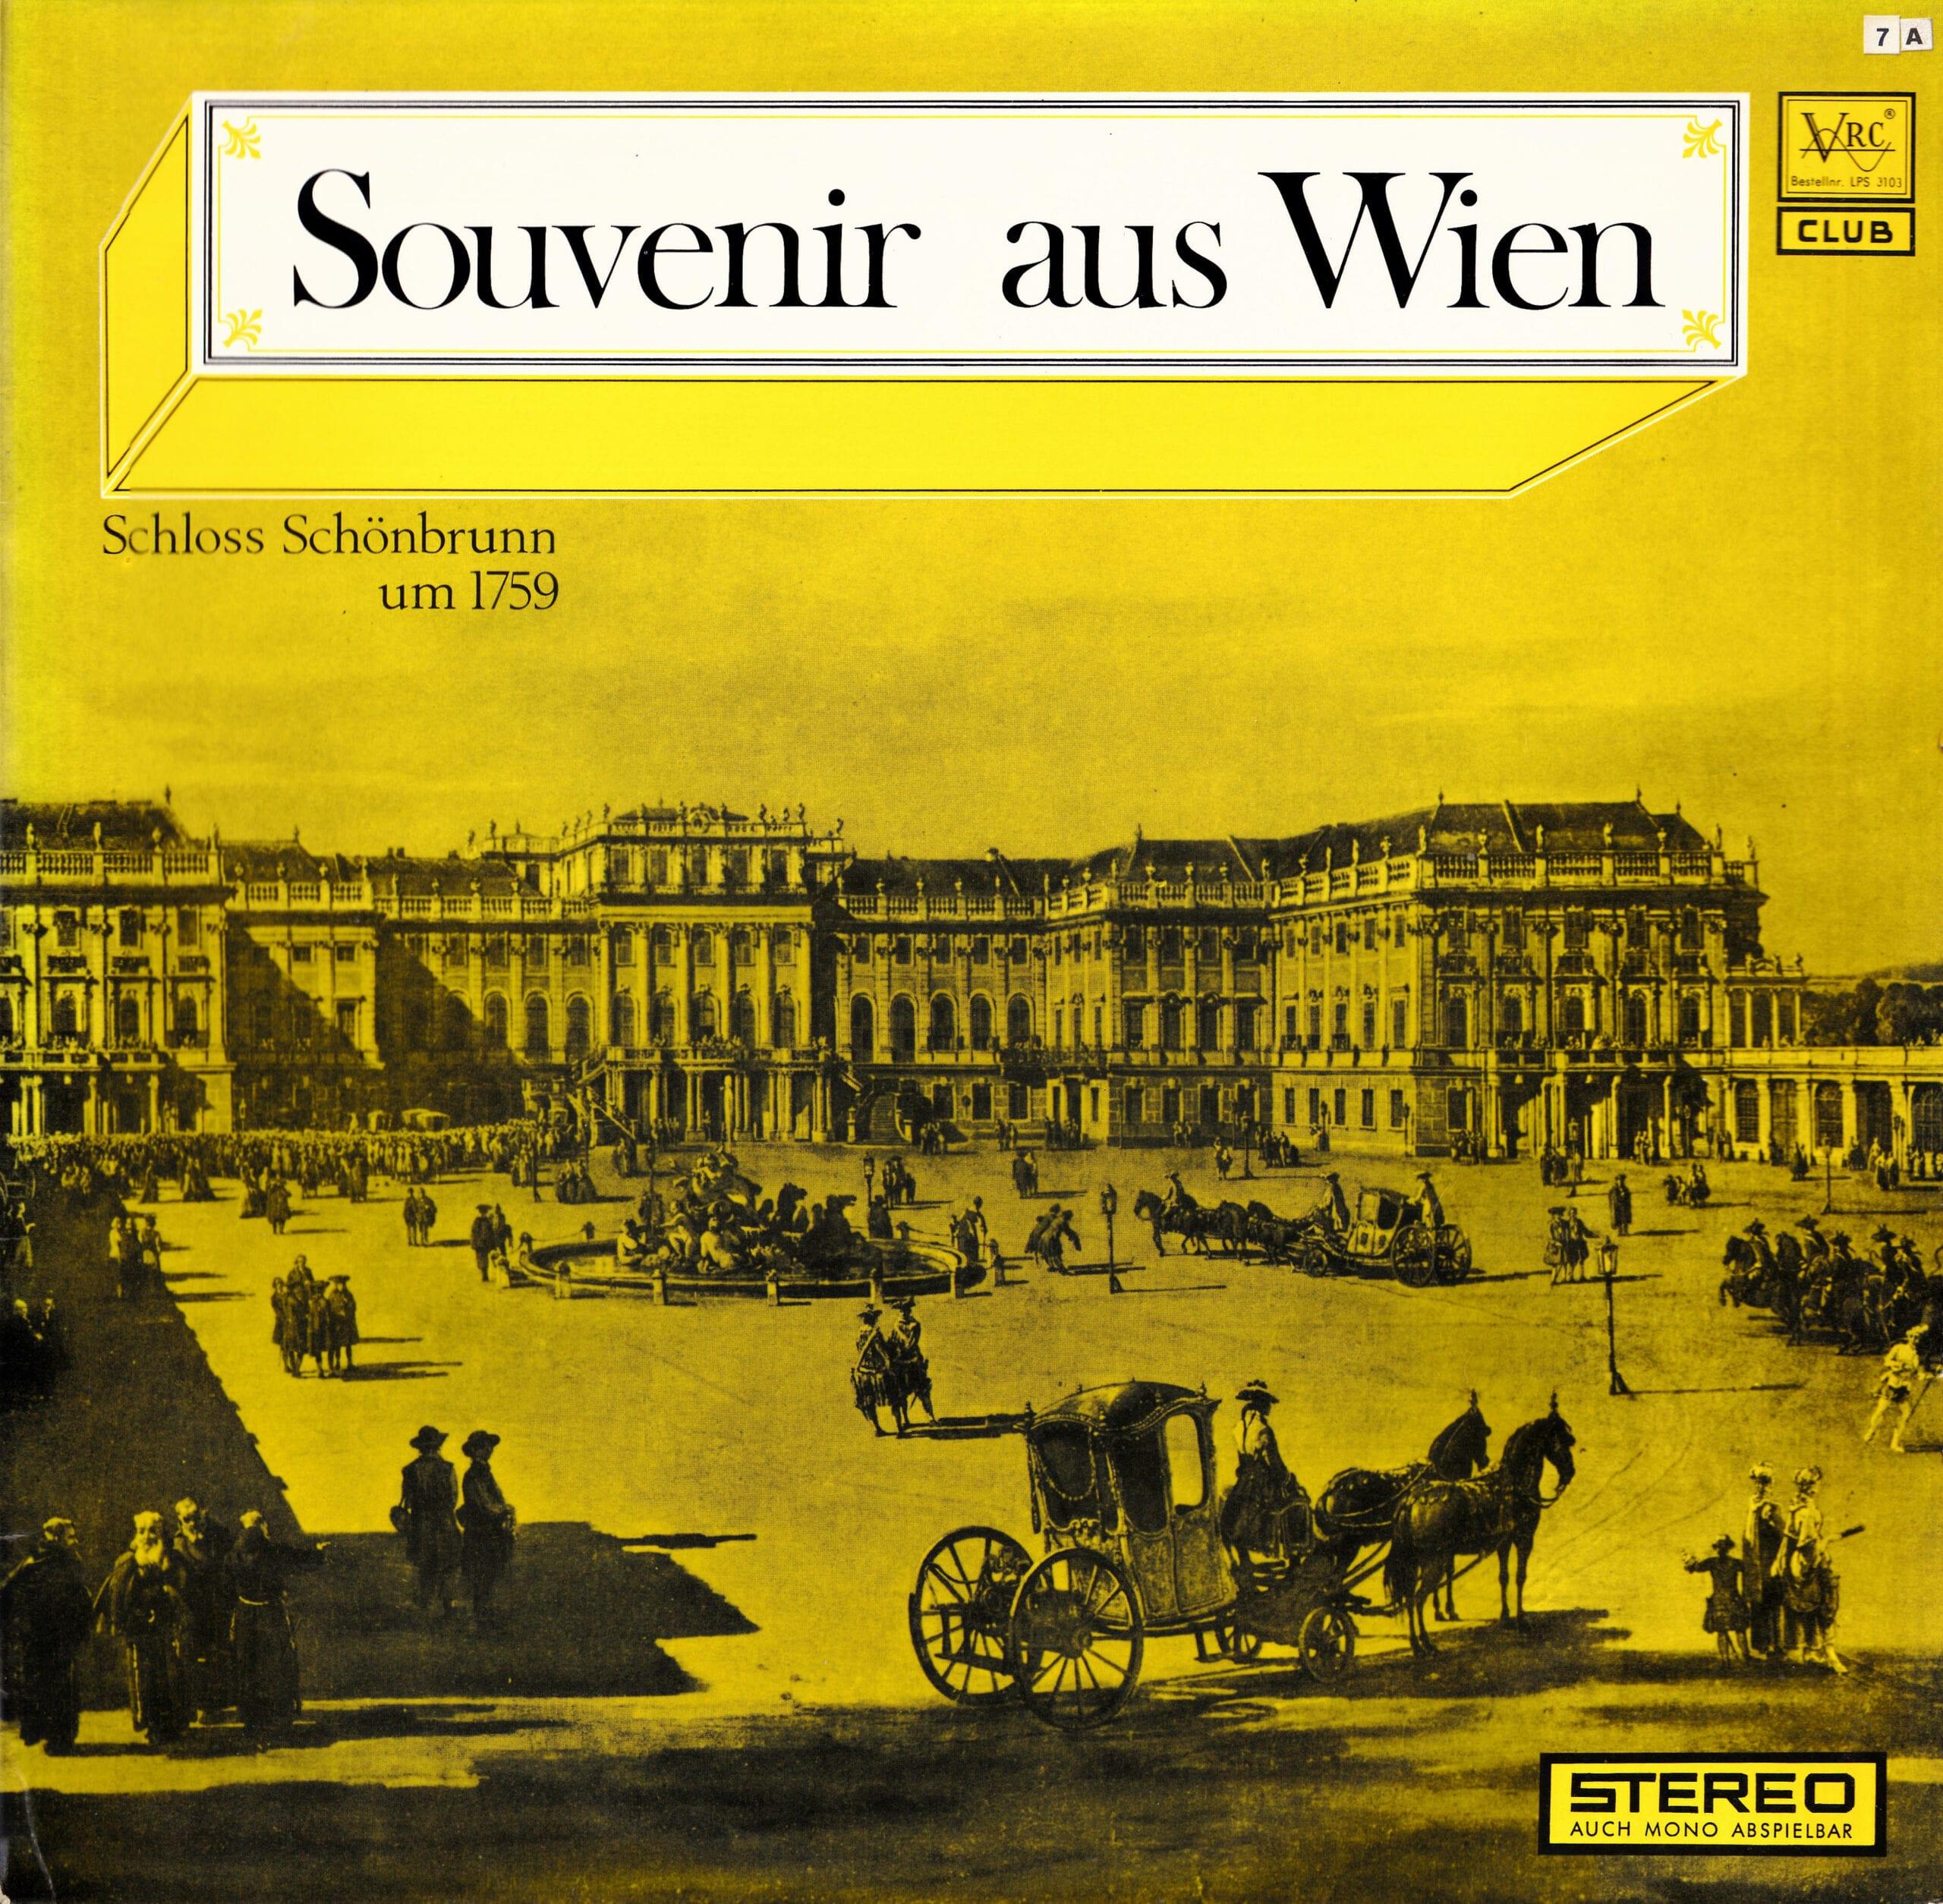 Souvenir aus Wien – 1